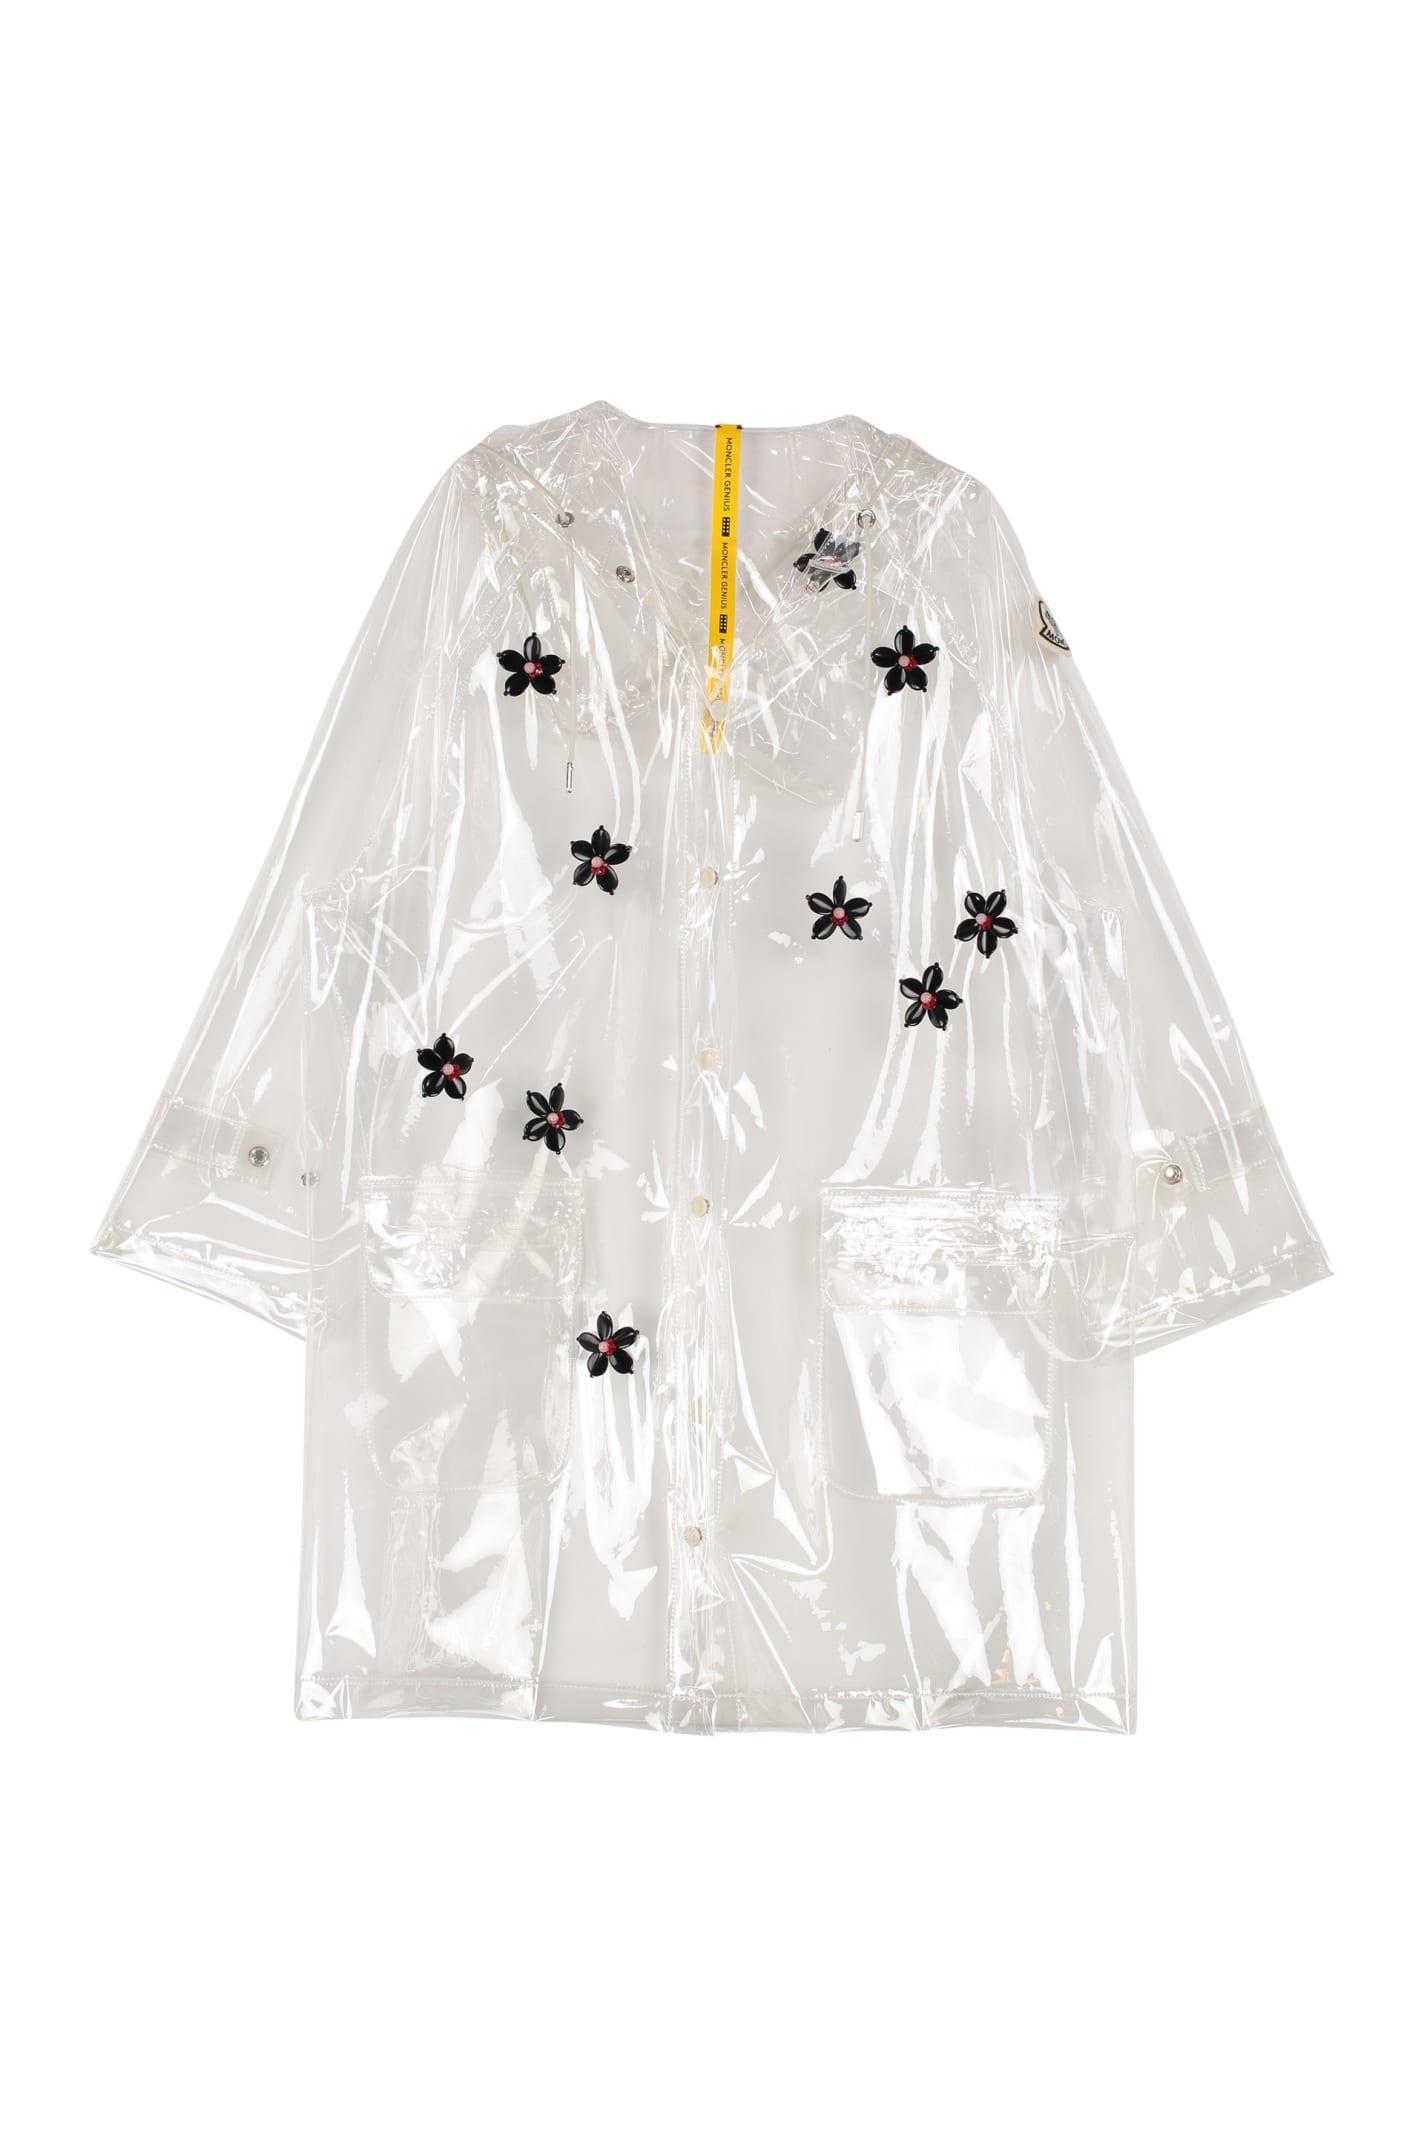 Moncler Floral Embroidery Pvc Raincoat